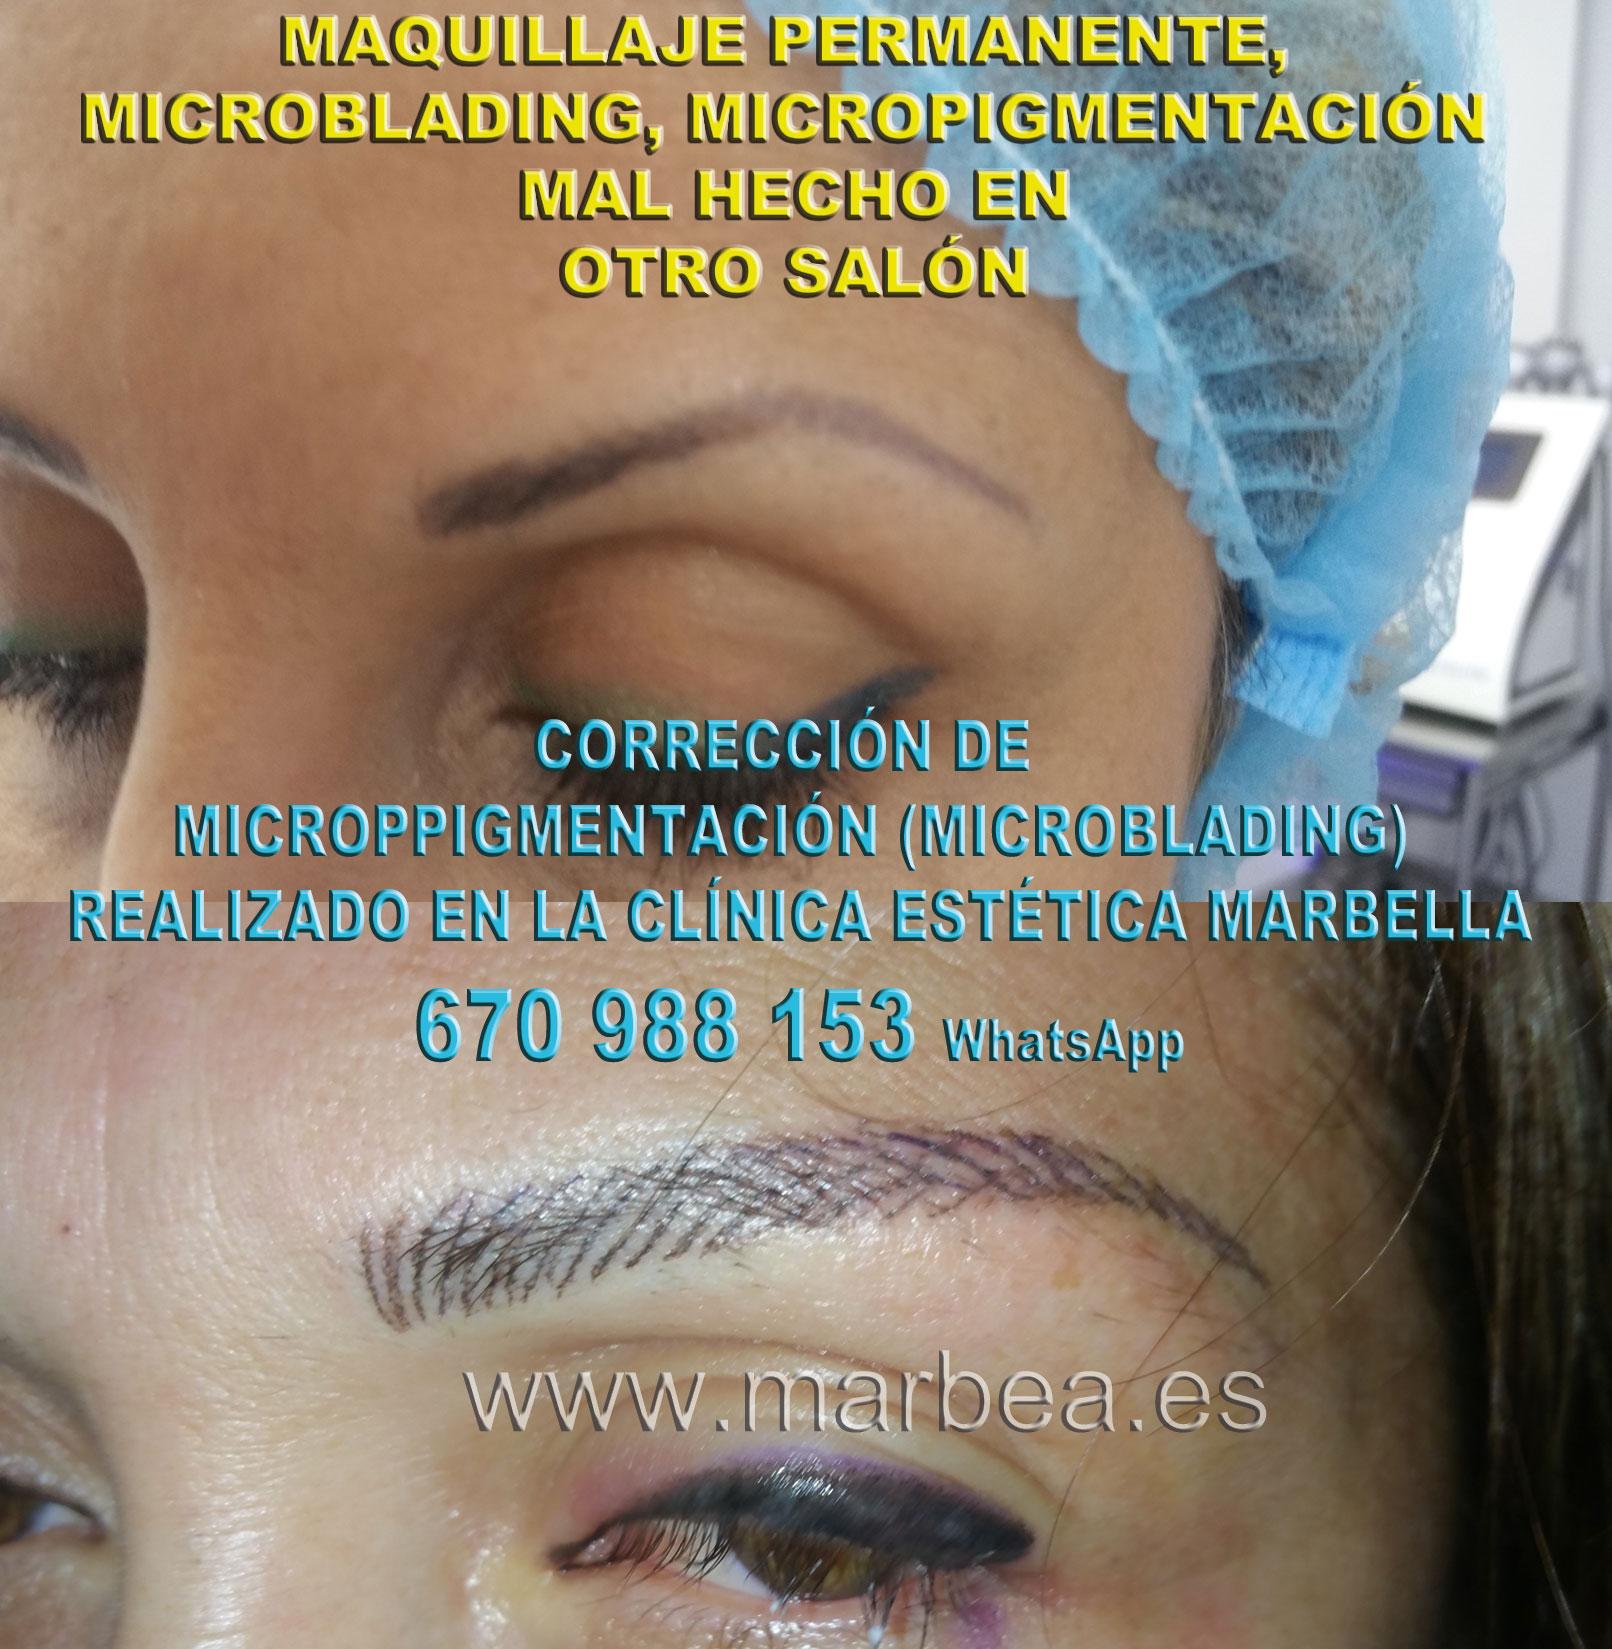 ELIMINAR TATUAJE CEJAS clínica estética maquillaje semipermanente ofrece como aclarar la micropigmentación cejas,reparamos microppigmentacion mal hechos